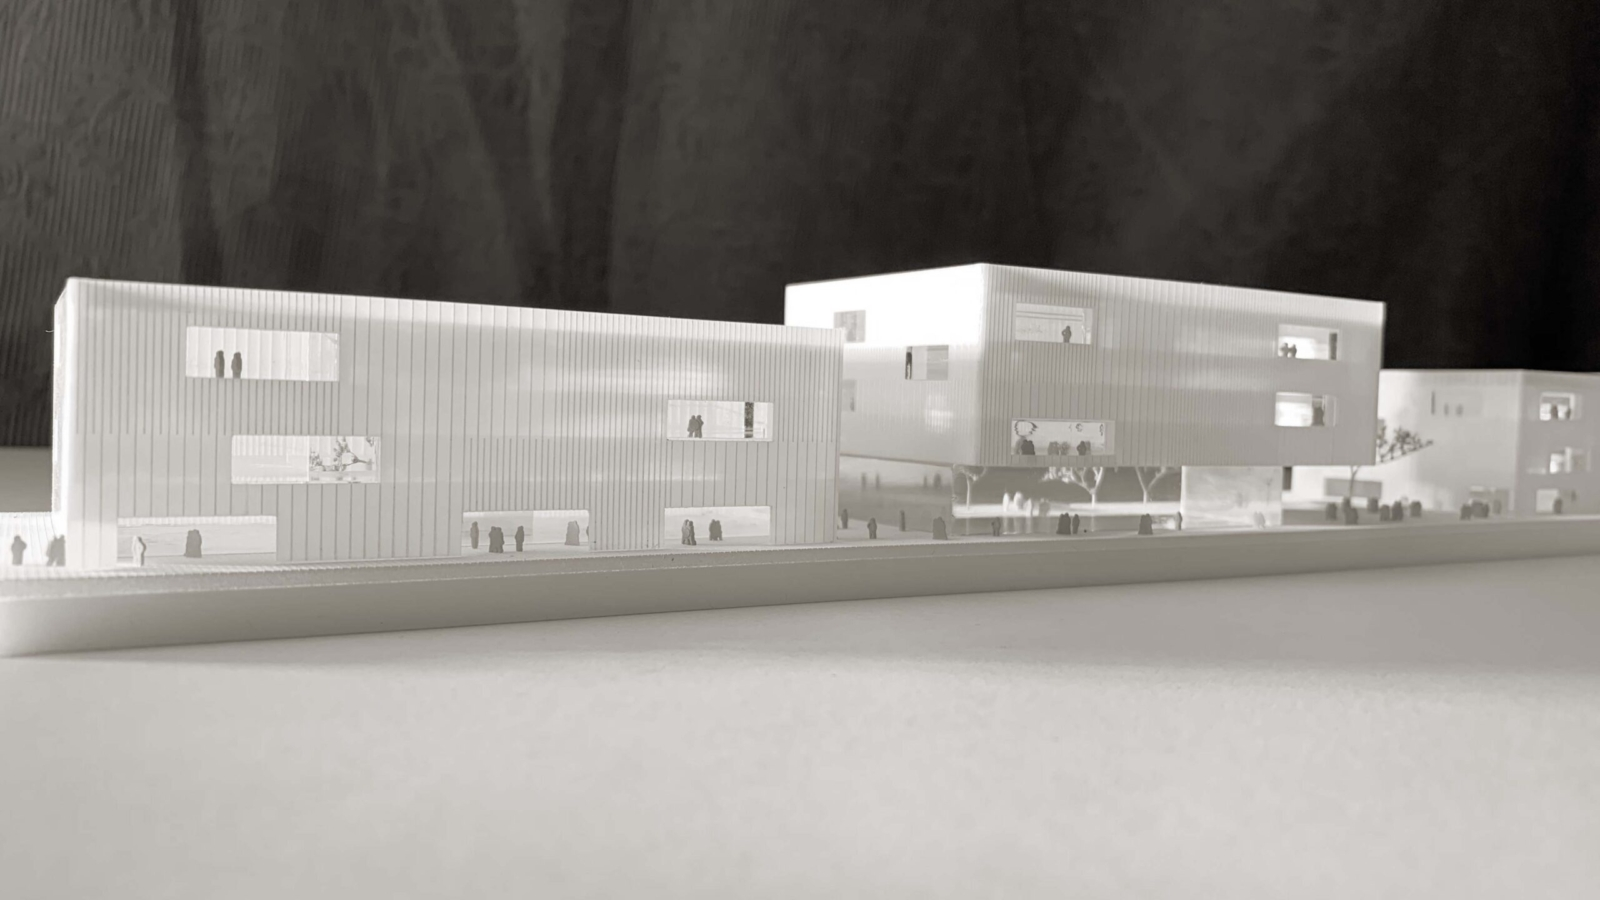 WETTBEWERB JKU Campus_modell1